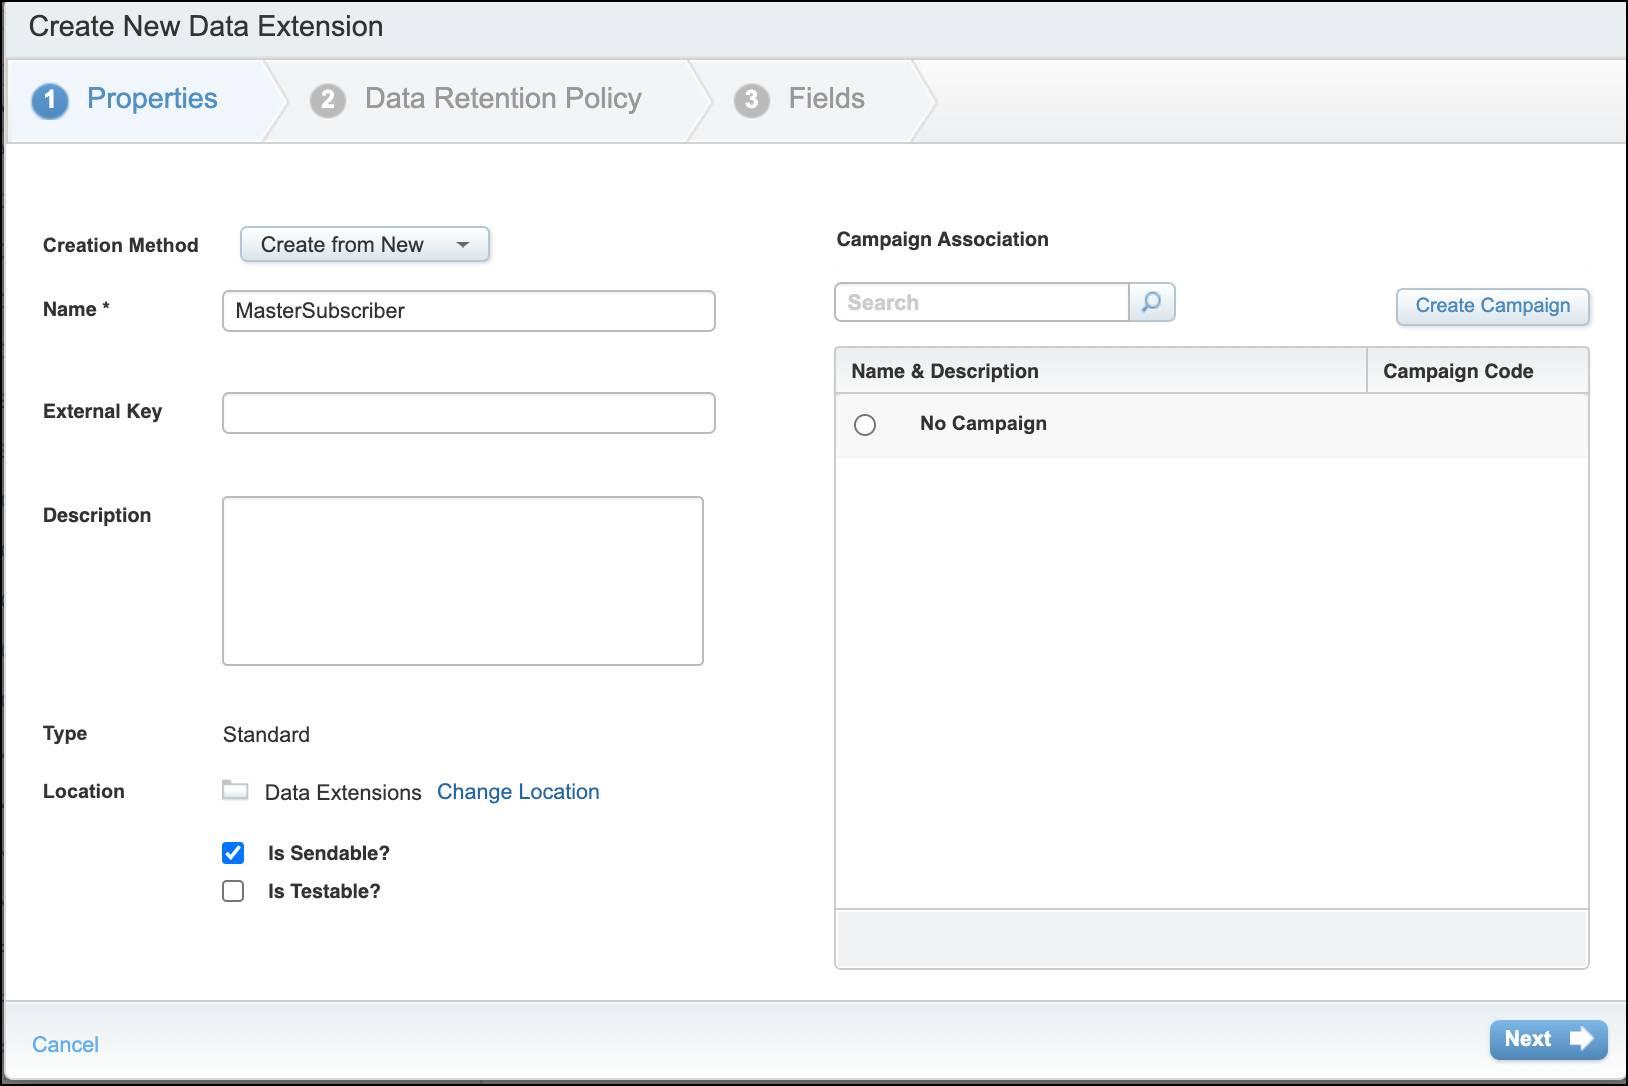 Como adicionar propriedades à caixa de diálogo Criar uma nova extensão de dados.